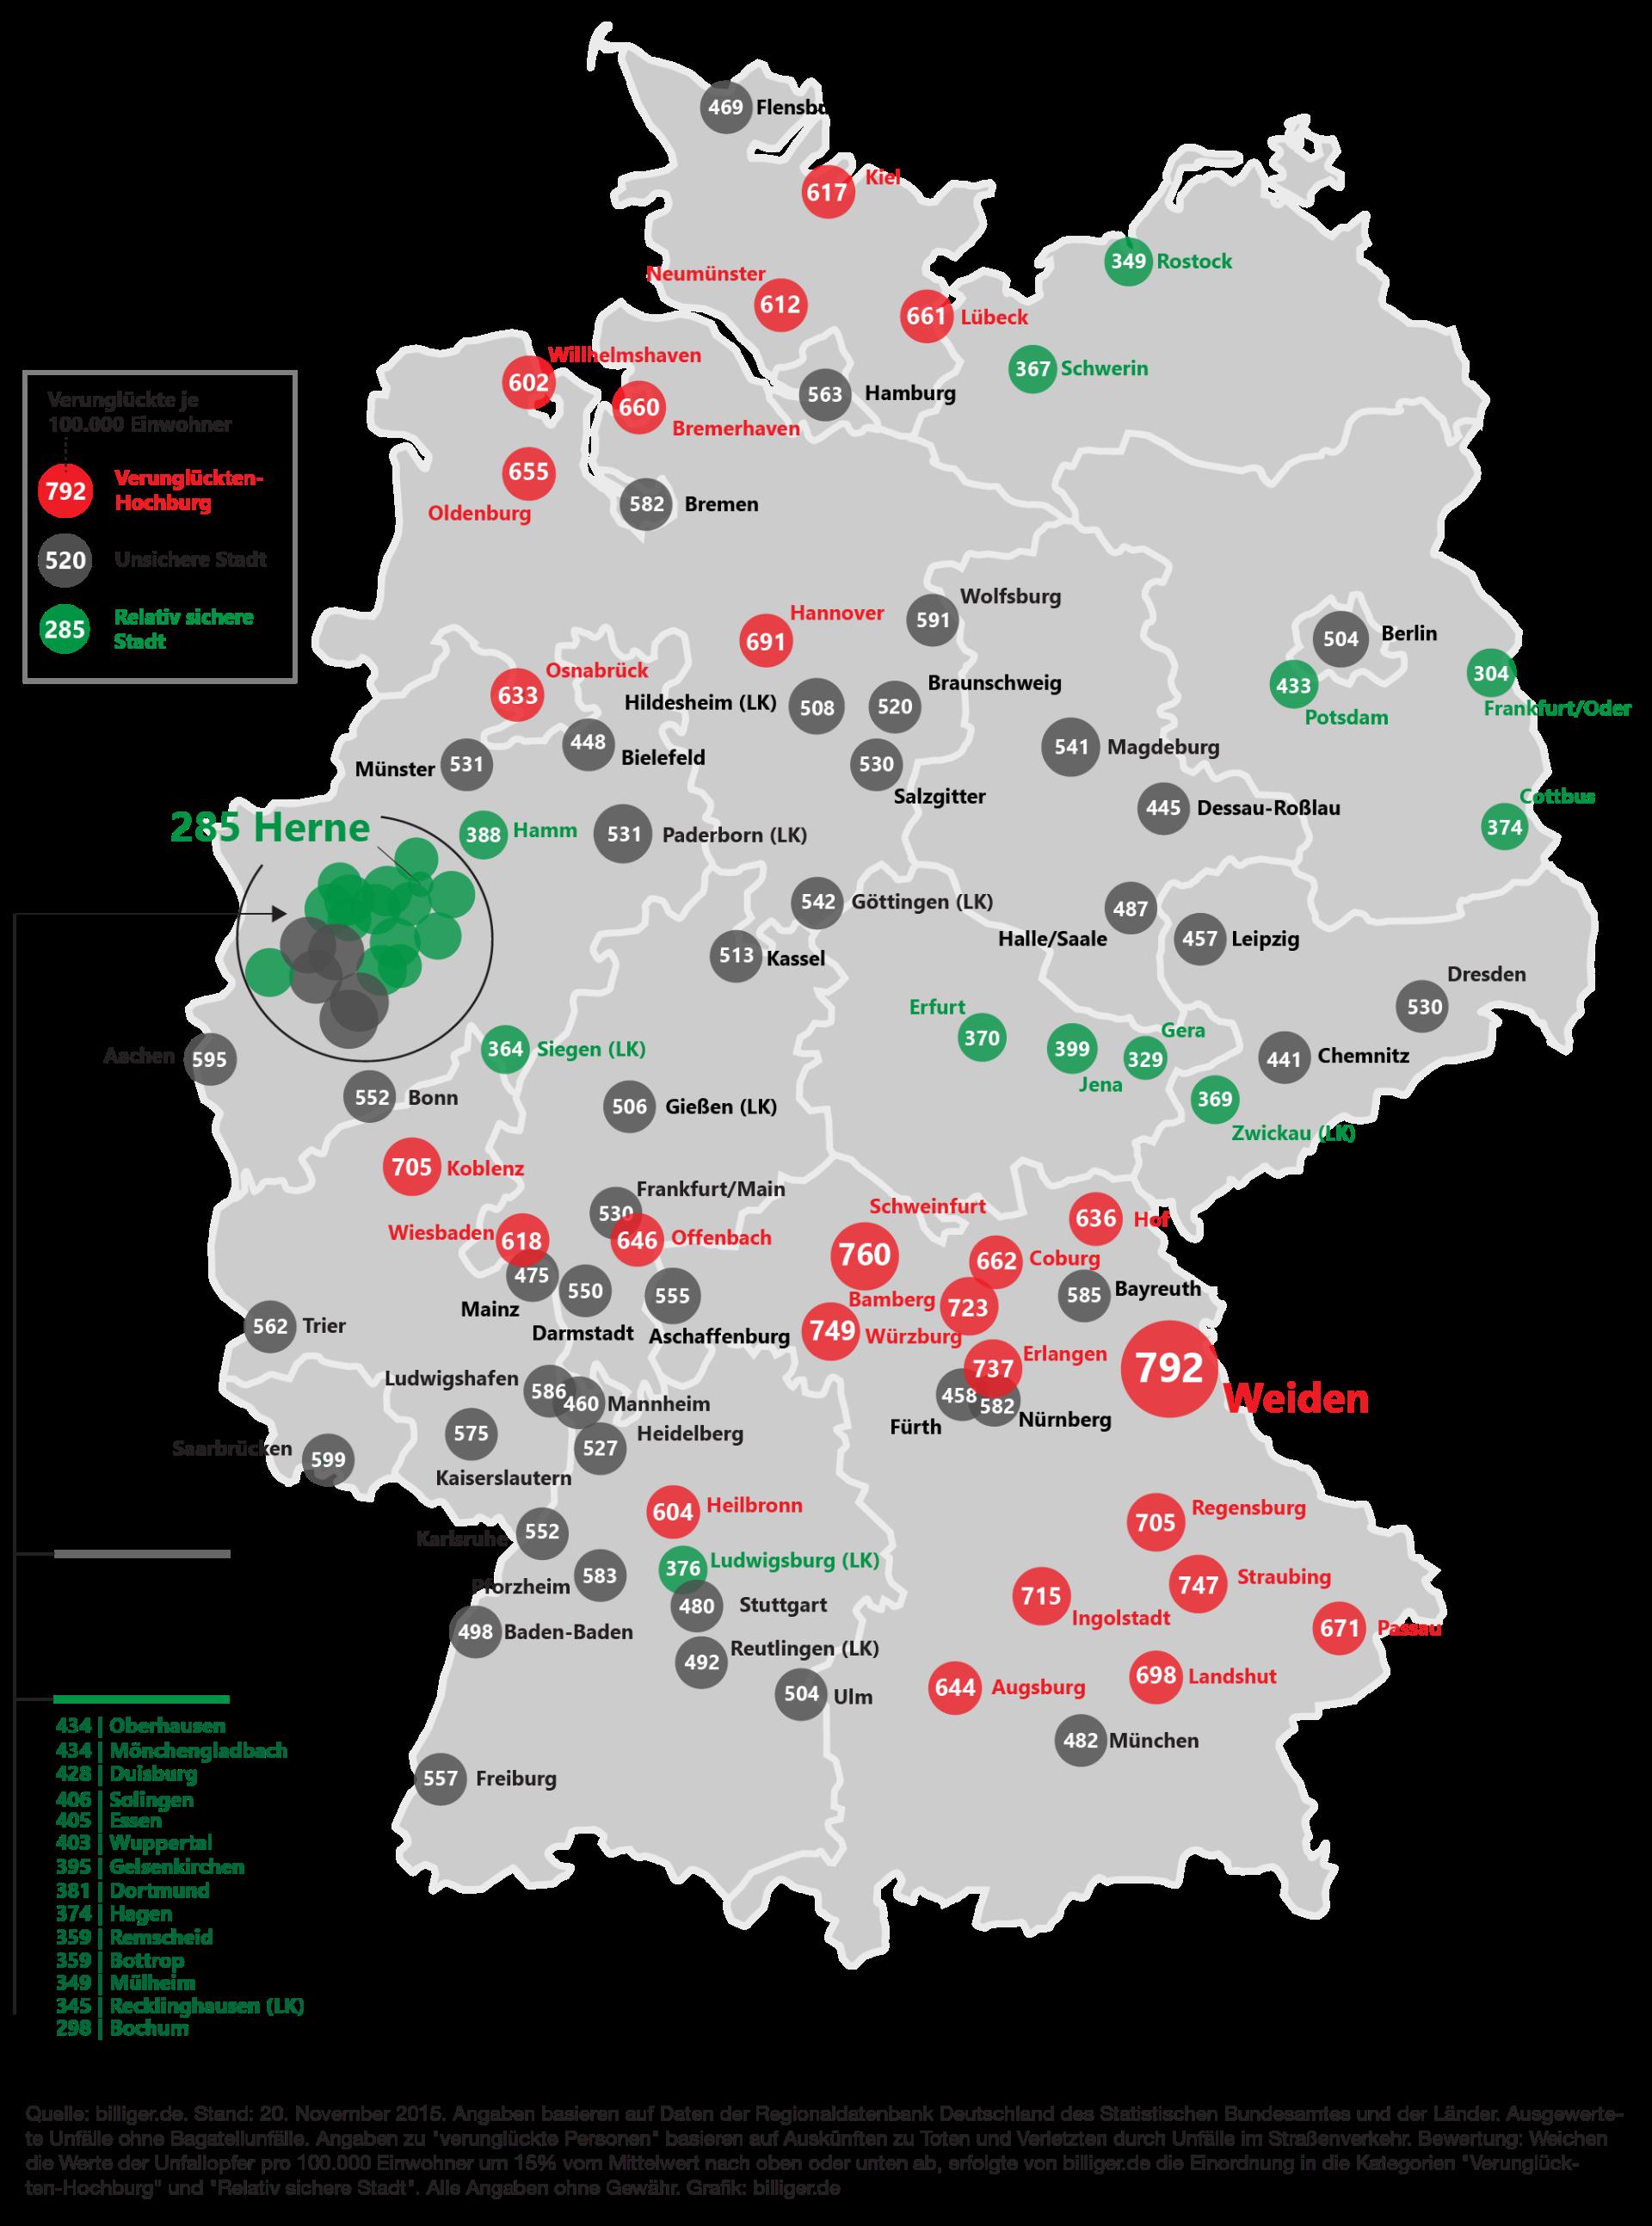 Unfallstatistik Autobahn Europa